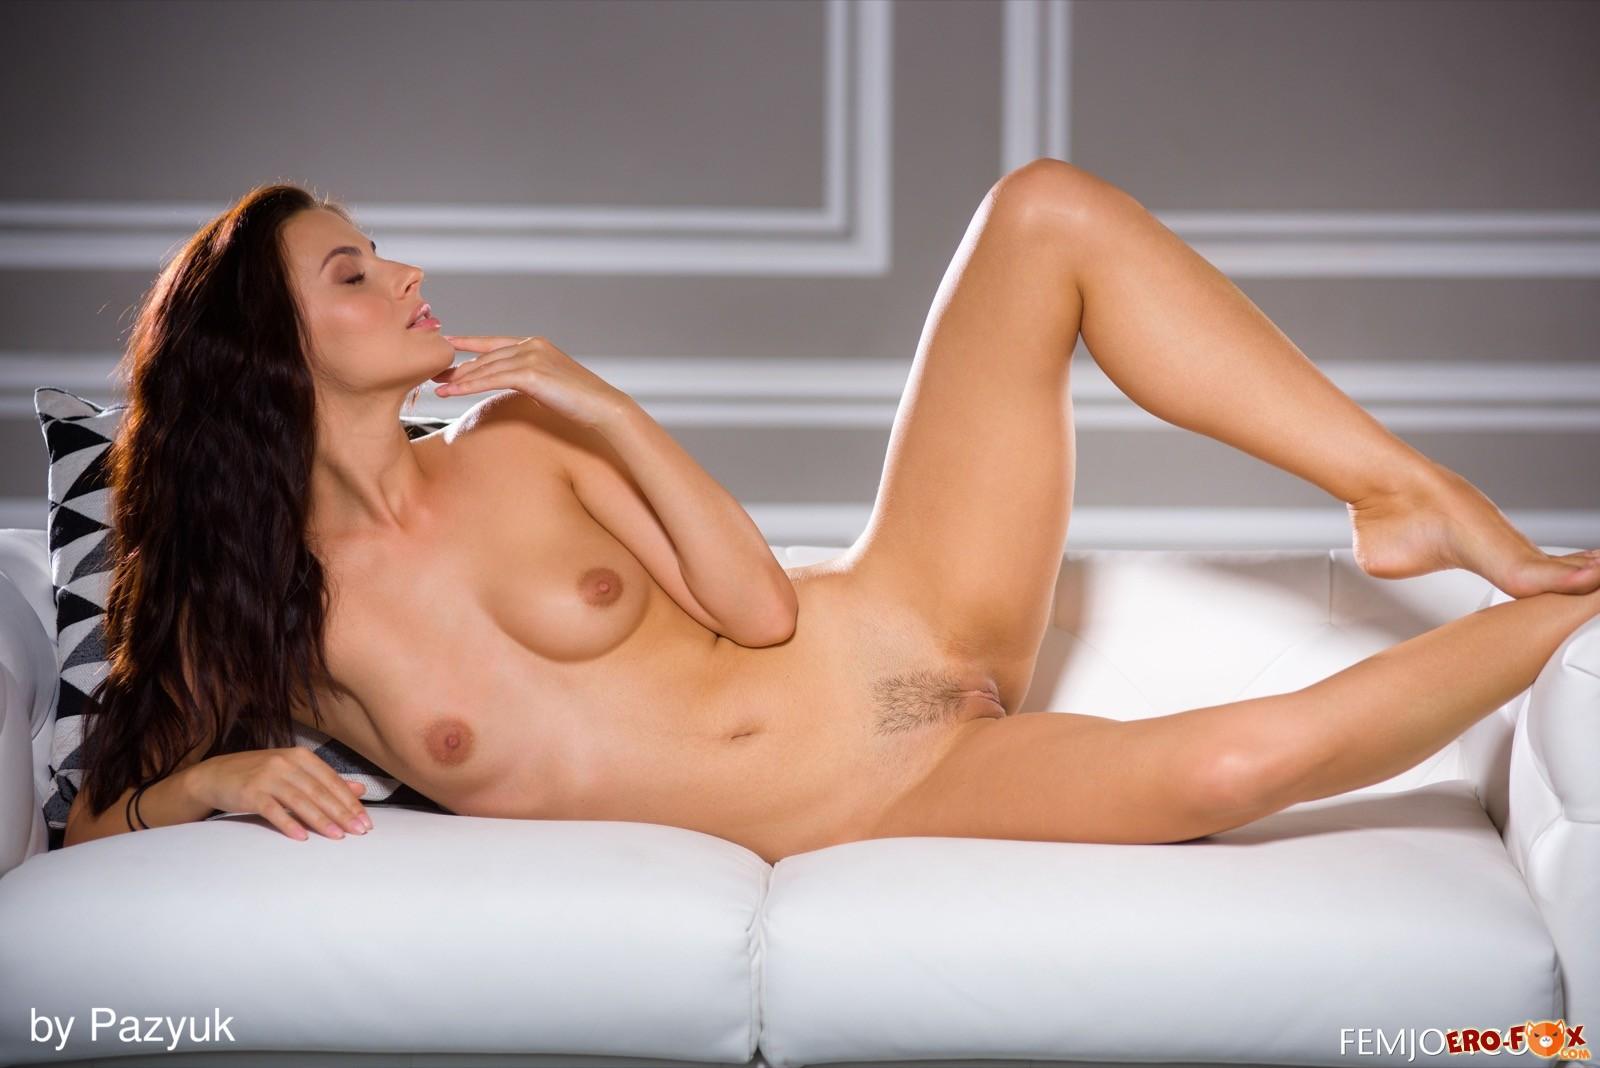 Обнажённая девушка в прозрачном боди с кружевами - фото